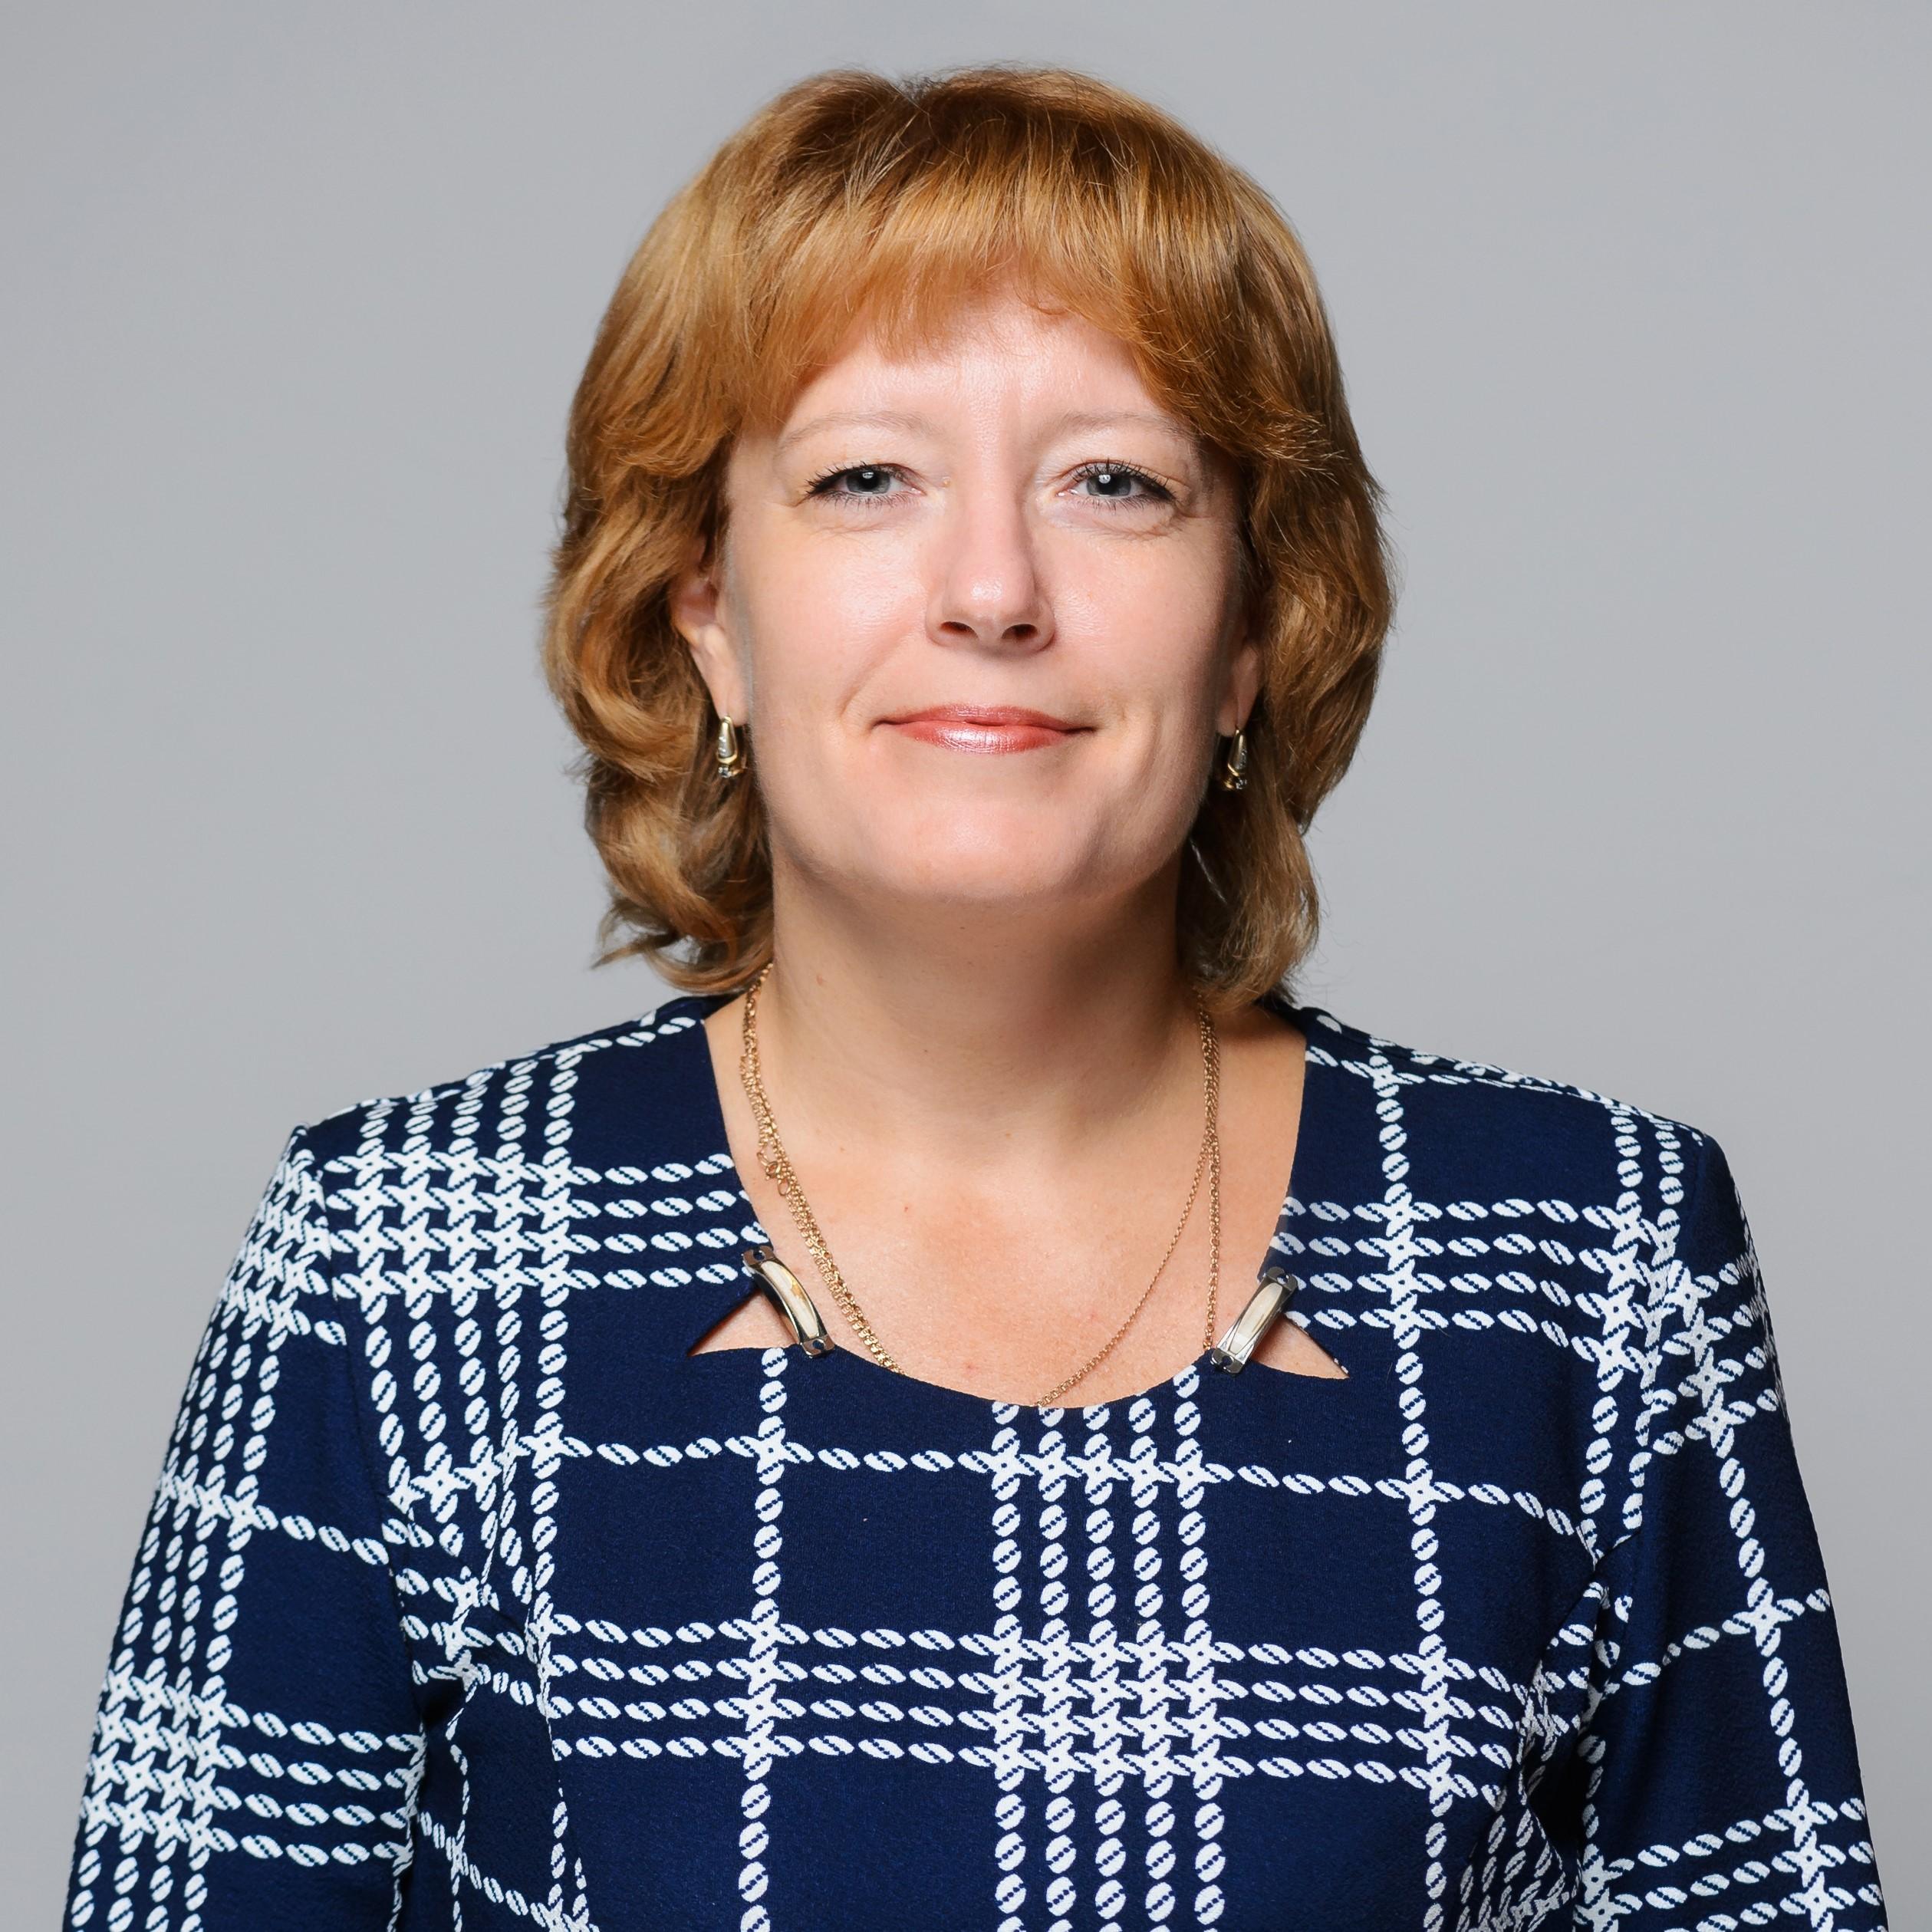 Репик Анастасия Владимировна